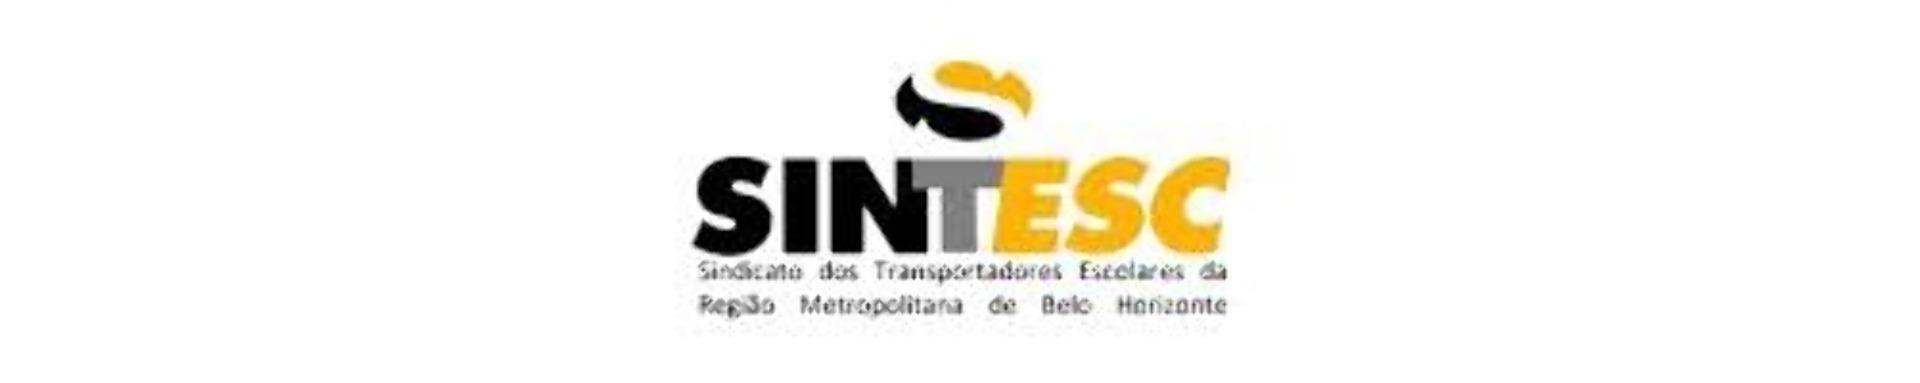 MANIFESTAÇÃO CONTRA TRANSPORTE CLANDESTINO